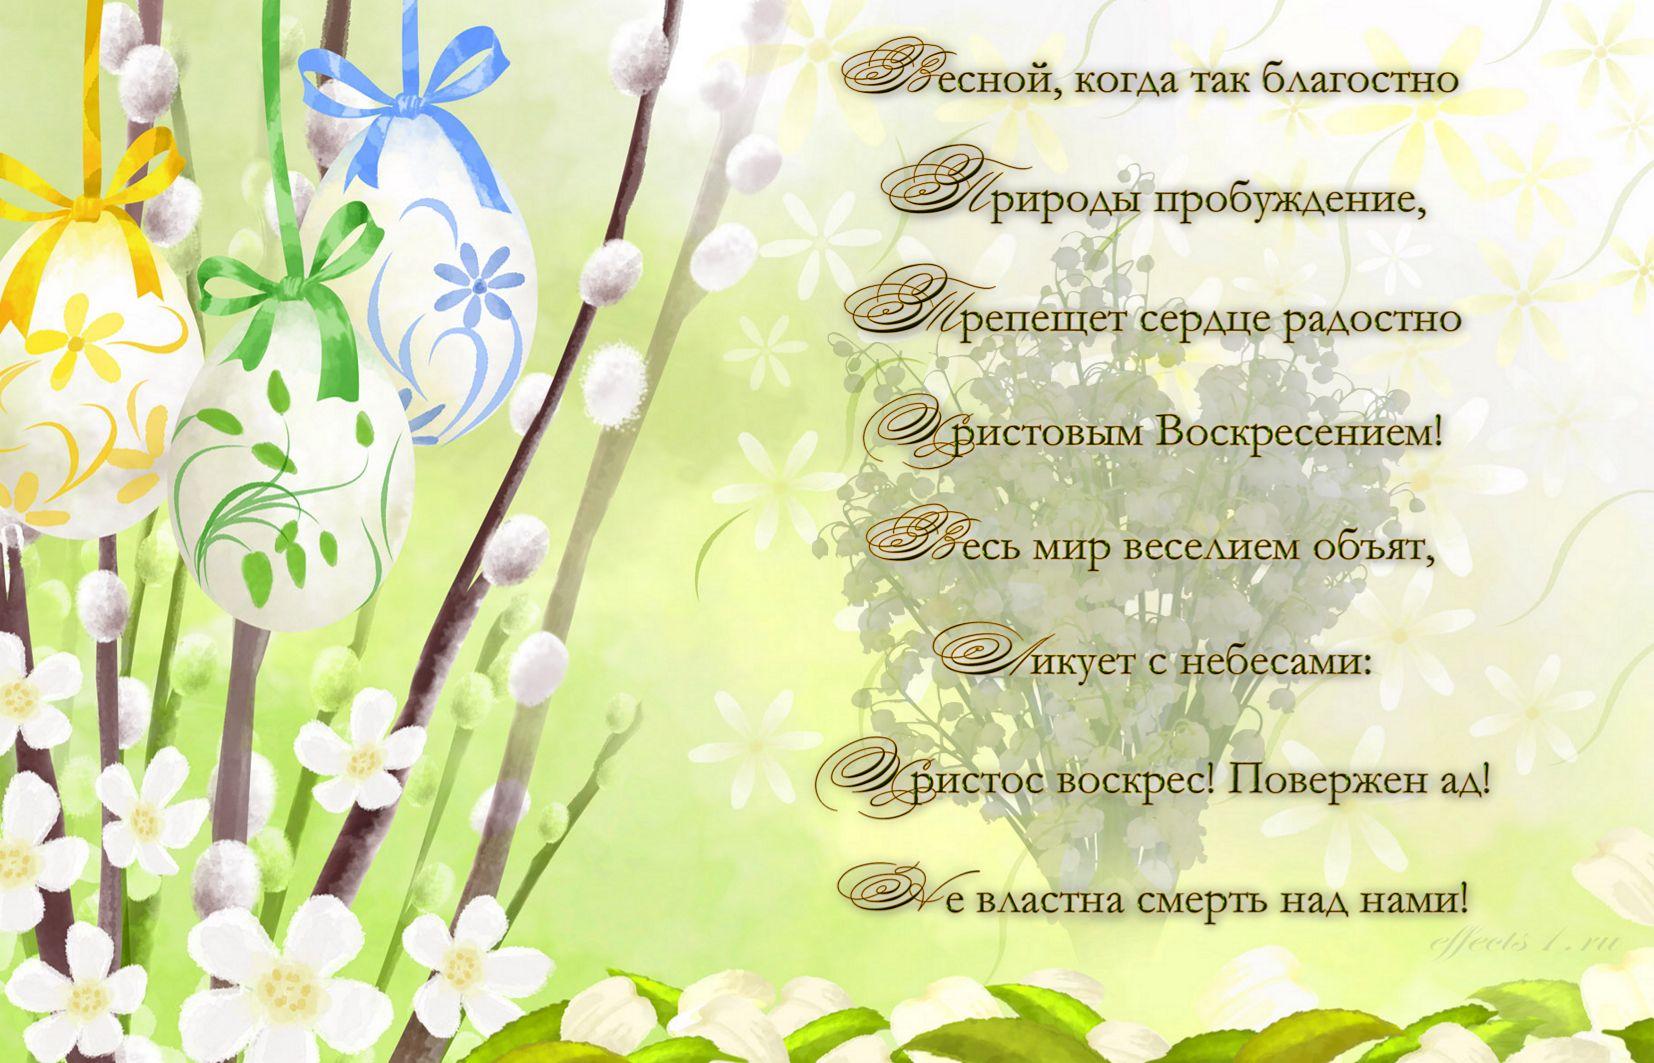 Весной, когда так благостно природы пробужденье...